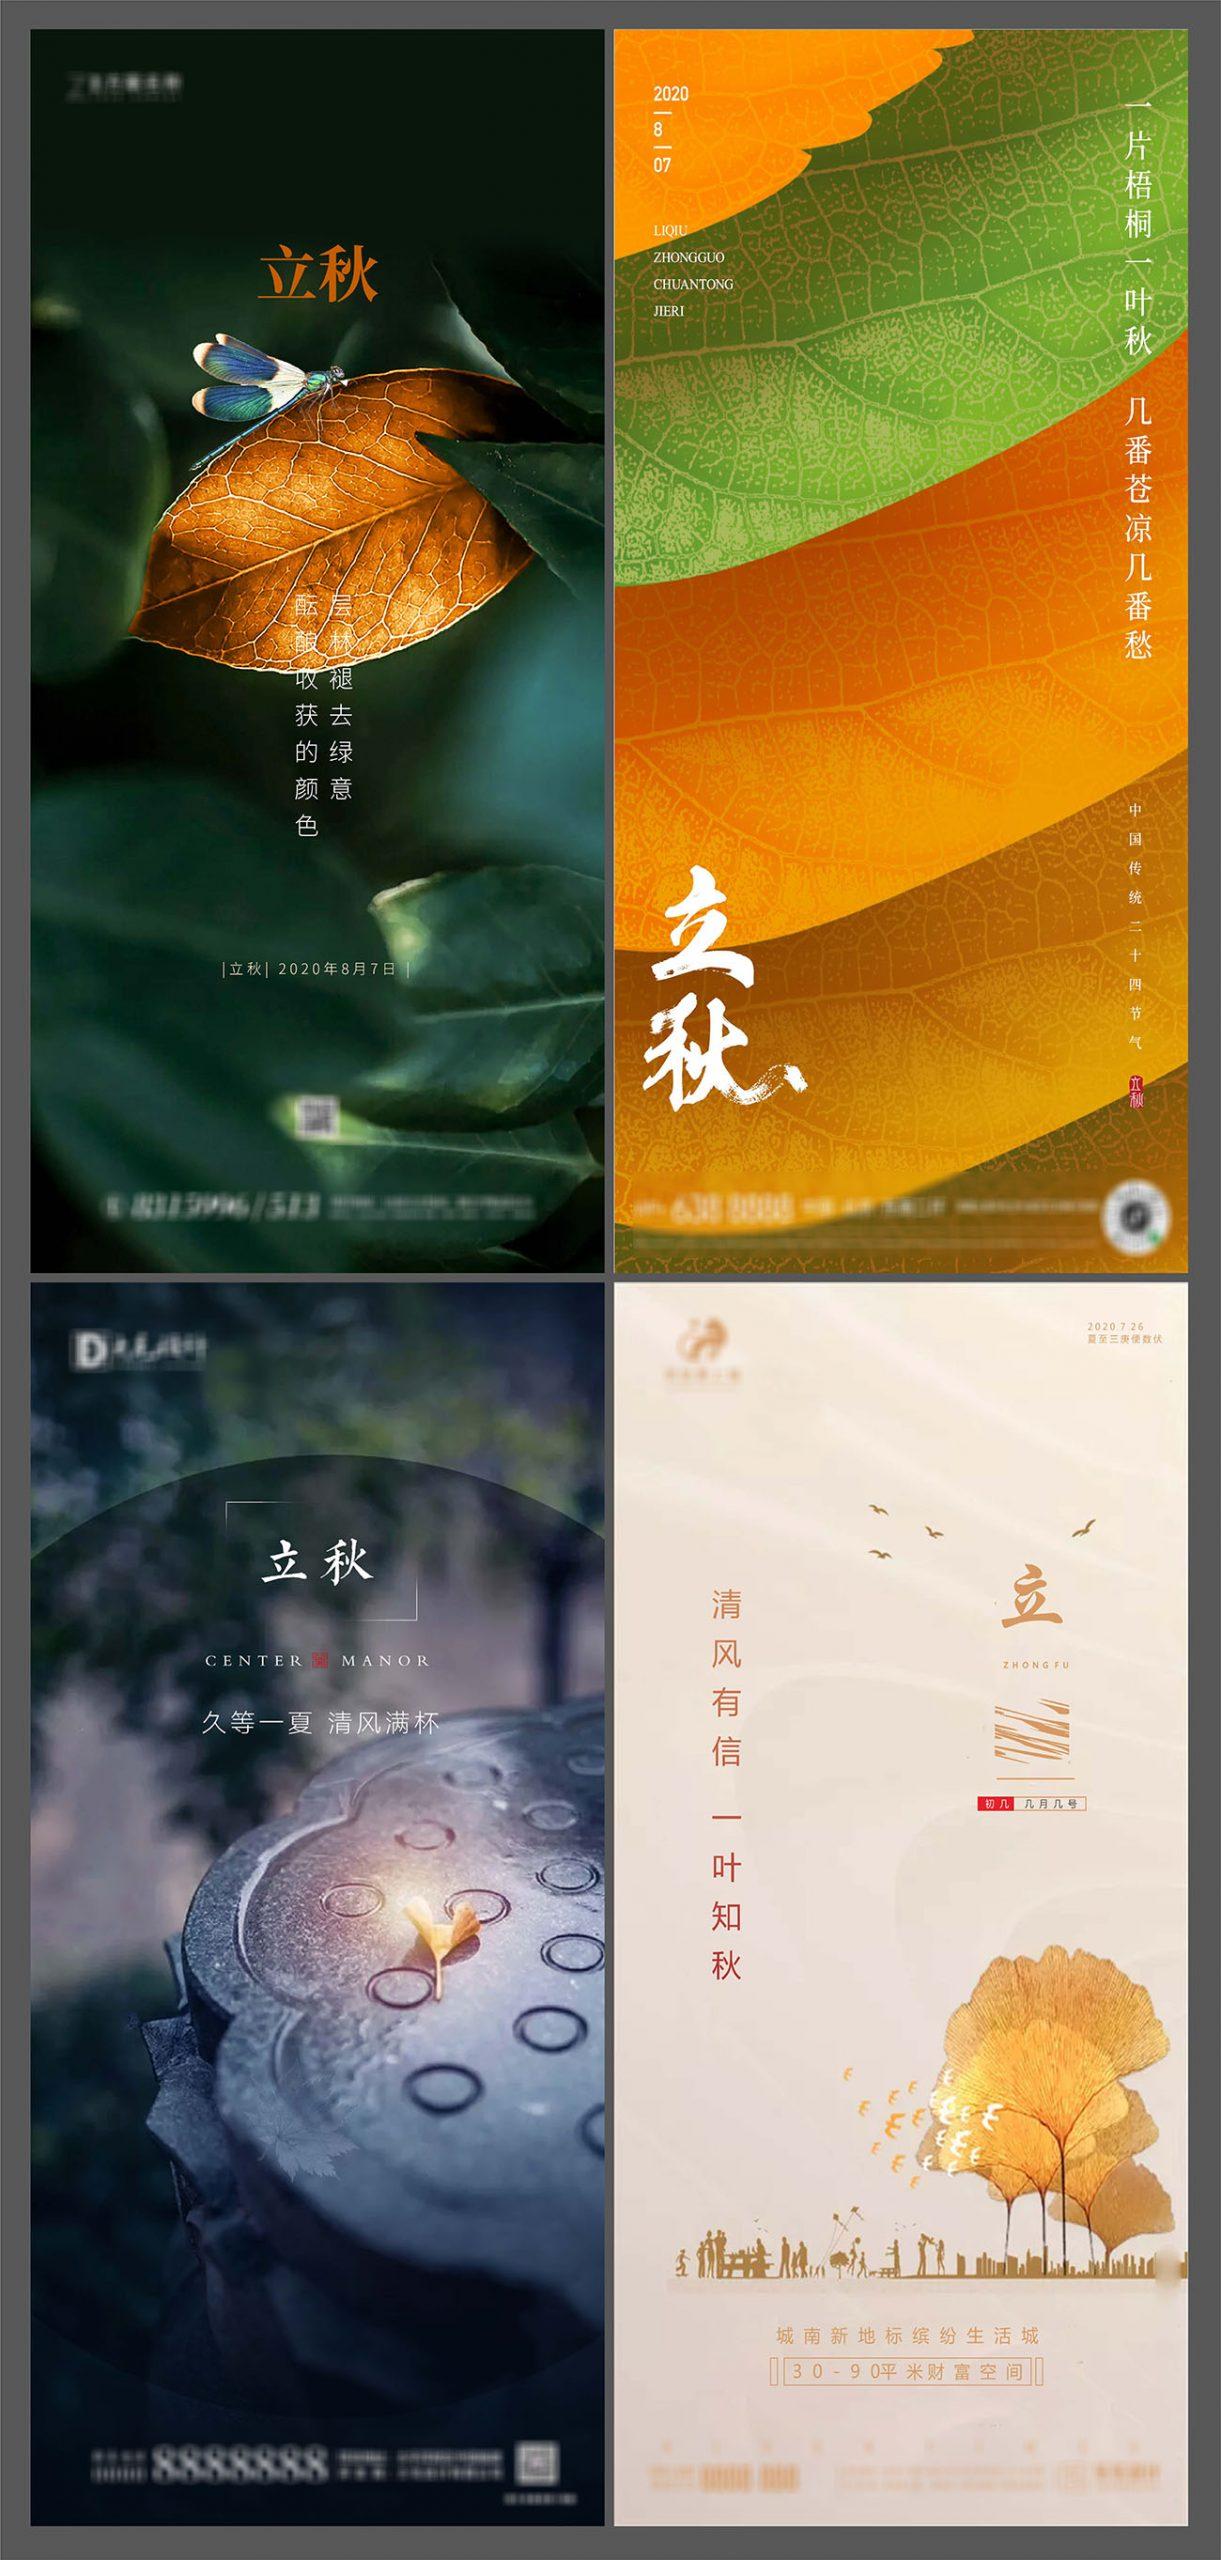 地产立秋节气刷屏海报AI+CDR+PSD源文件插图